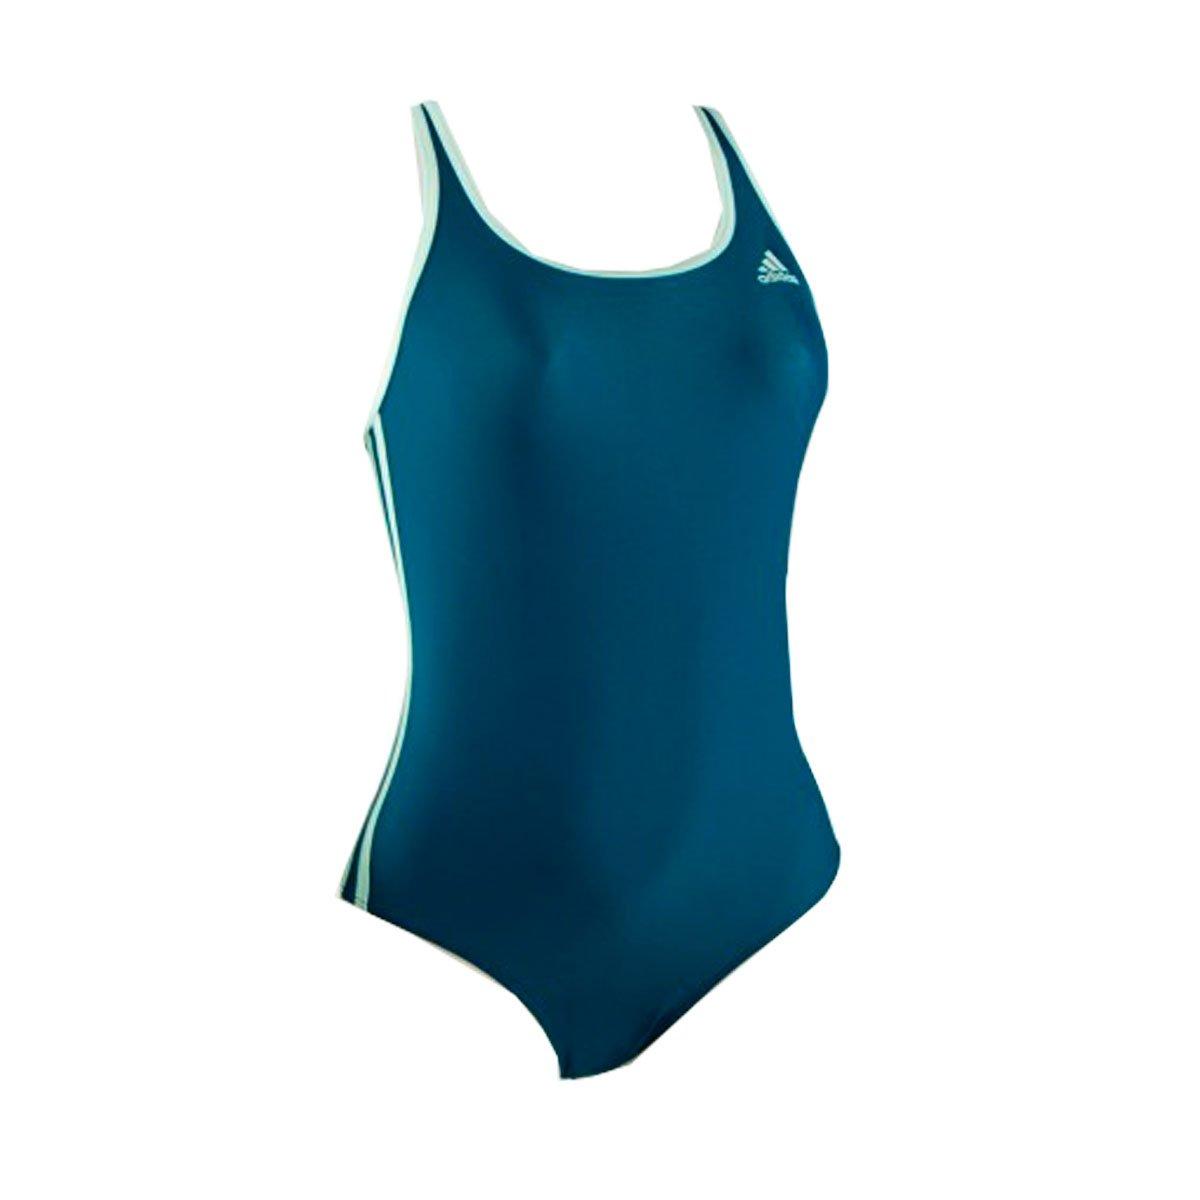 Bizz Store - Maiô Feminino Adidas Infinitex I 3S Petróleo d46539393bbf2